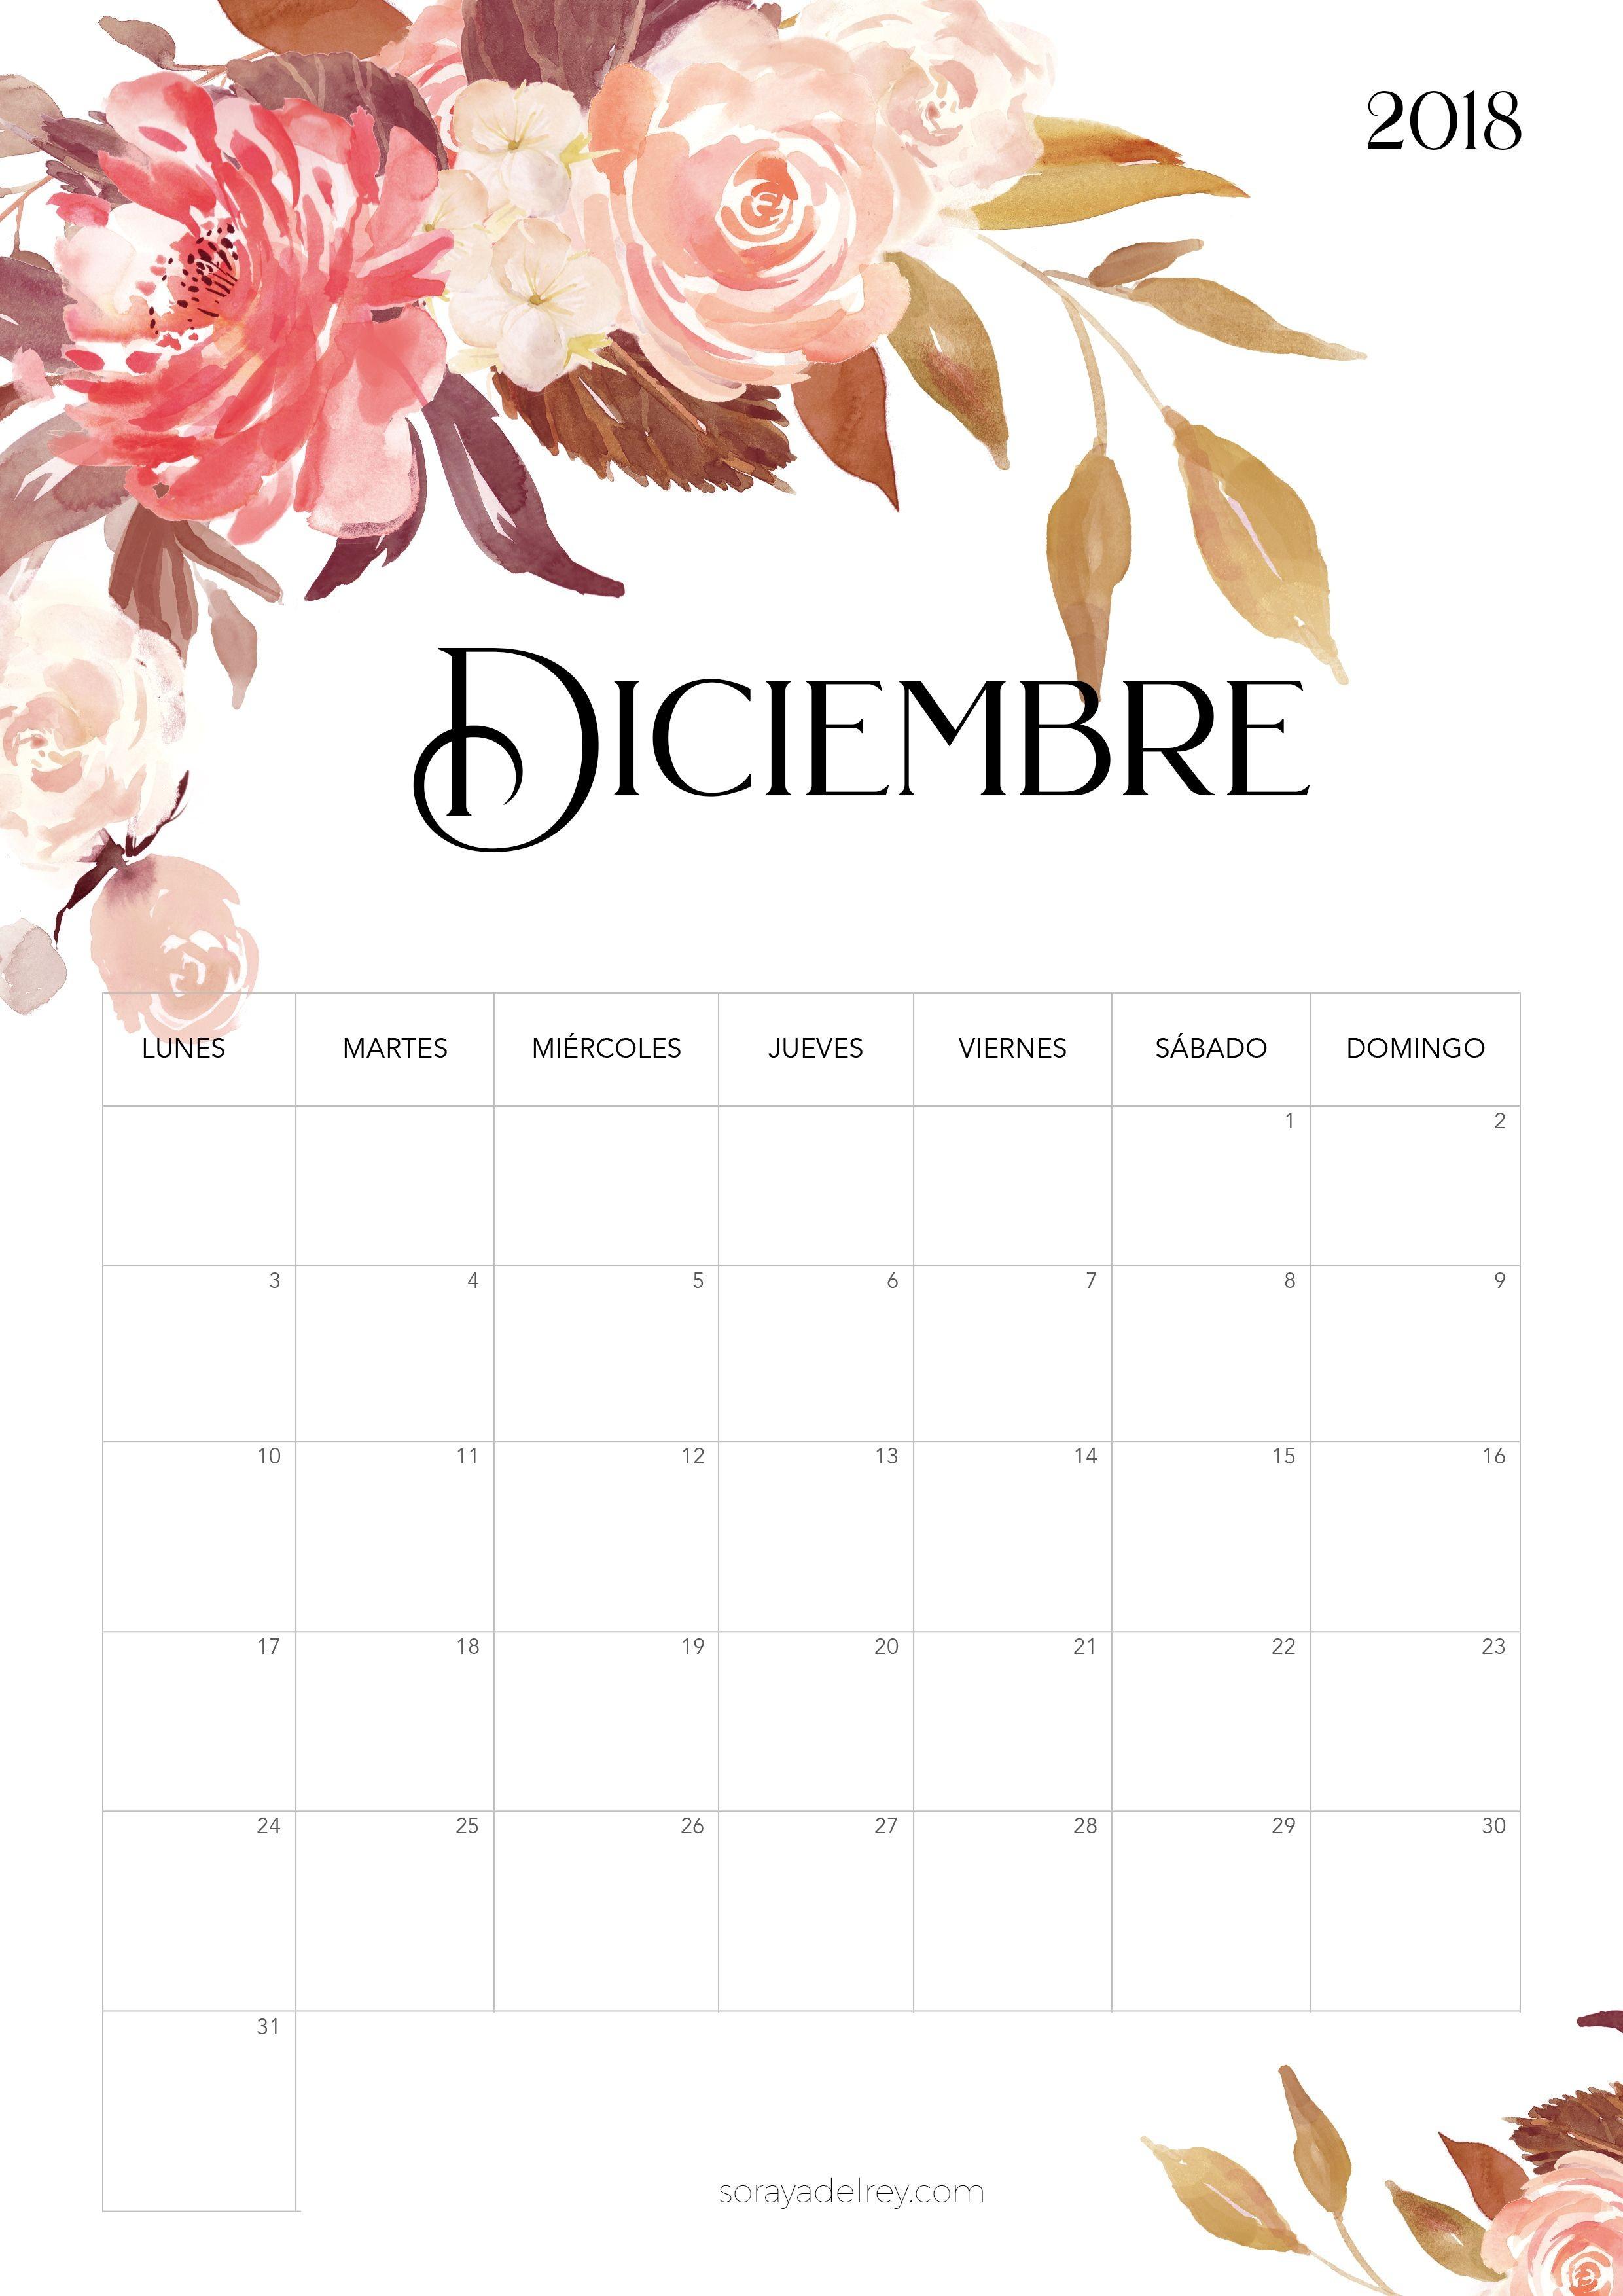 Calendario Para Imprimir 2017 Diciembre Mejores Y Más Novedosos Dariana Pedraza Darianapedraza On Pinterest Of Calendario Para Imprimir 2017 Diciembre Más Populares Genine Delahaye Fondos